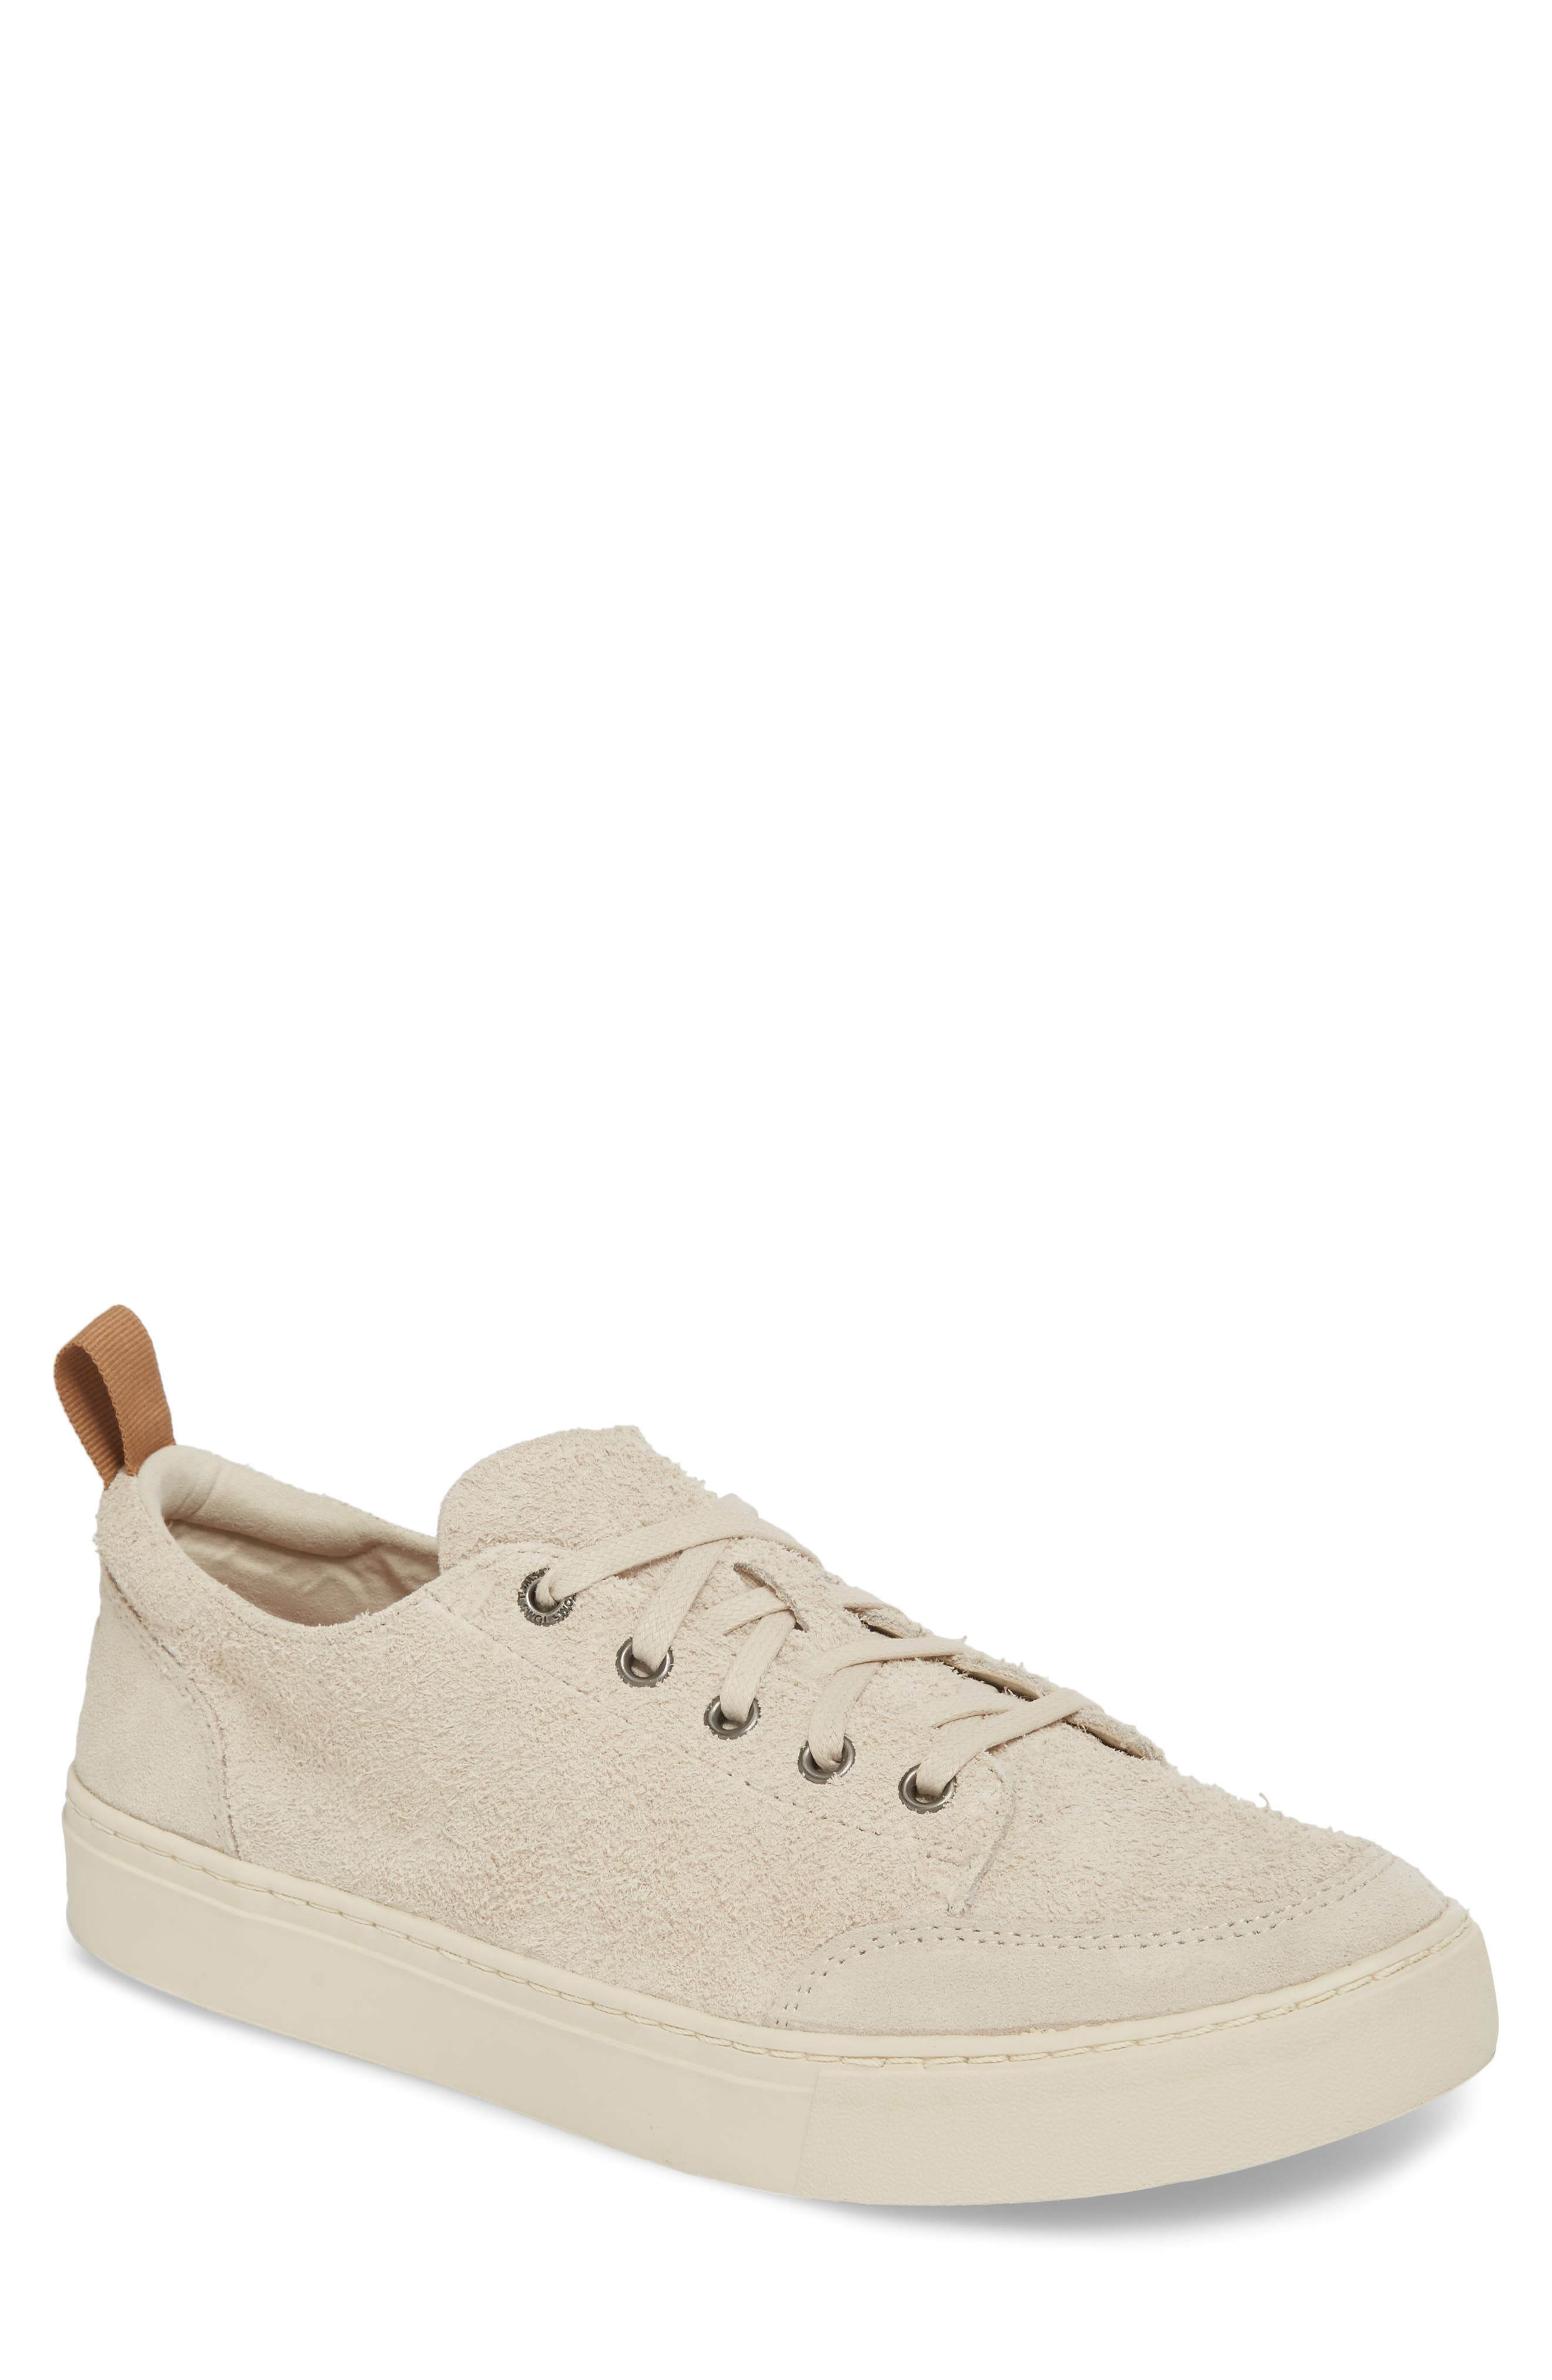 Landen Sneaker,                         Main,                         color, Birch Shaggy Suede